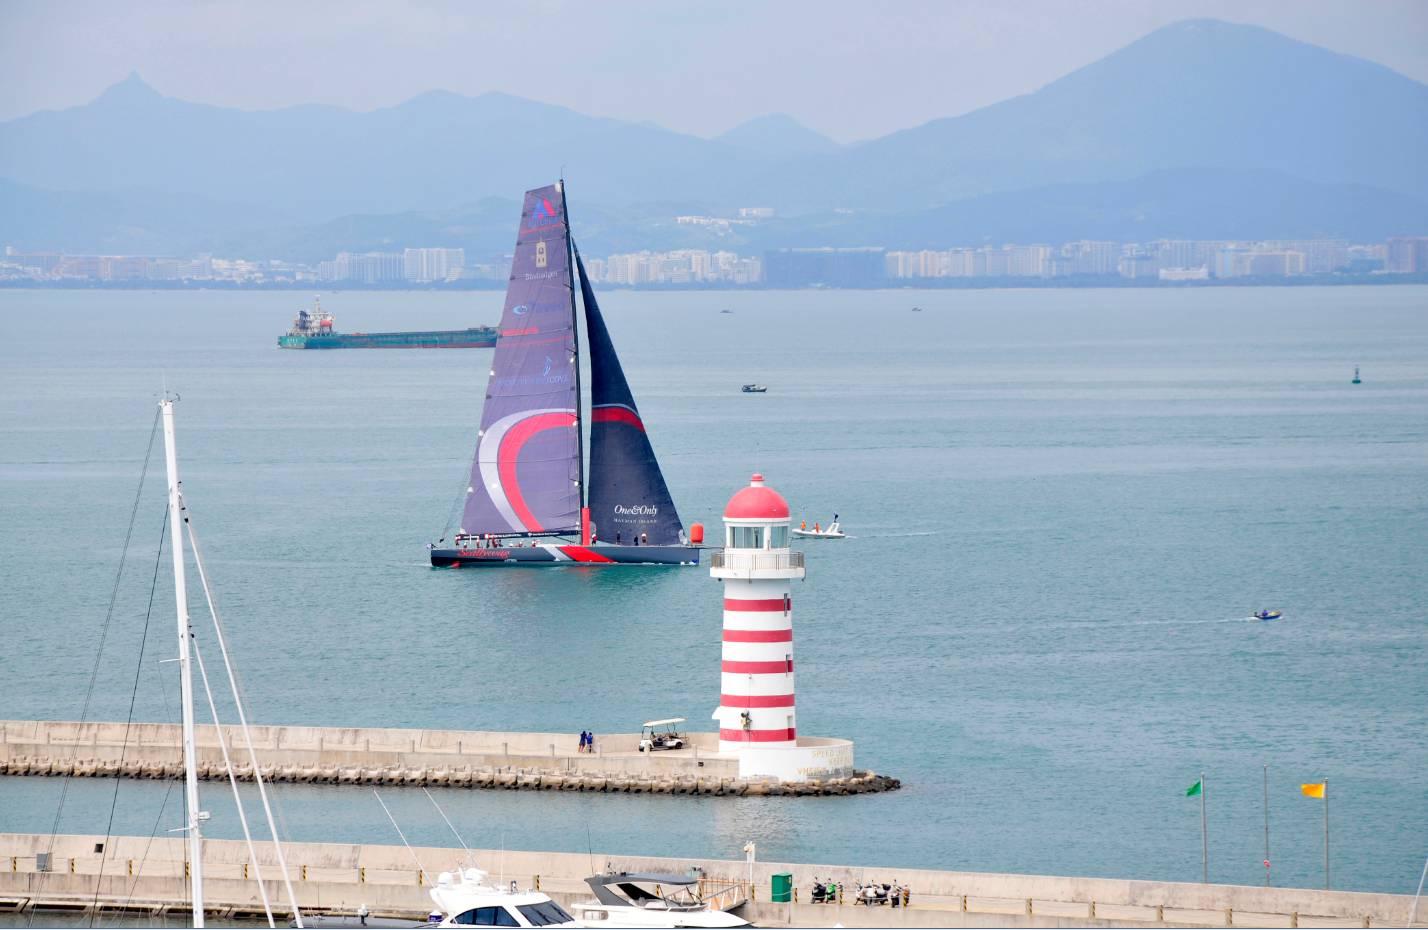 【经典赛事】2016香港-三亚国际帆船拉力赛半山半岛帆船港完美收官 262e9e9b33161cf5f9c28f0c5acc16f1.jpg